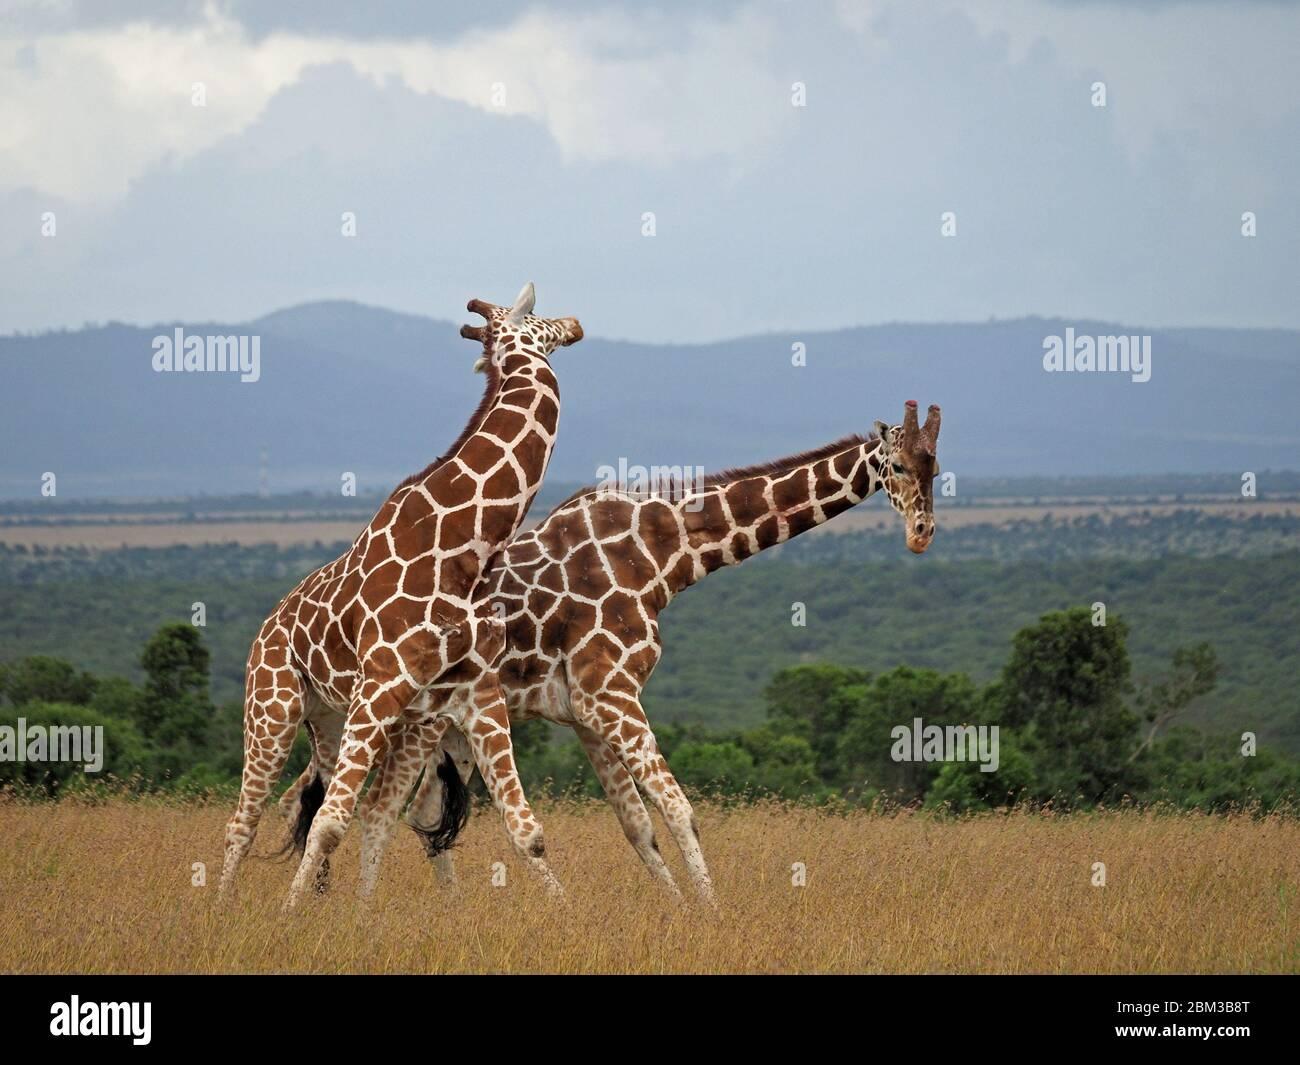 Due vecchie giraffe toro reticulate (Giraffa camelopardis reticulata) lotta per diritto di accoppiamento con la femmina -OL Pejeta Conservancy, Laikipia, Kenya, Africa Foto Stock